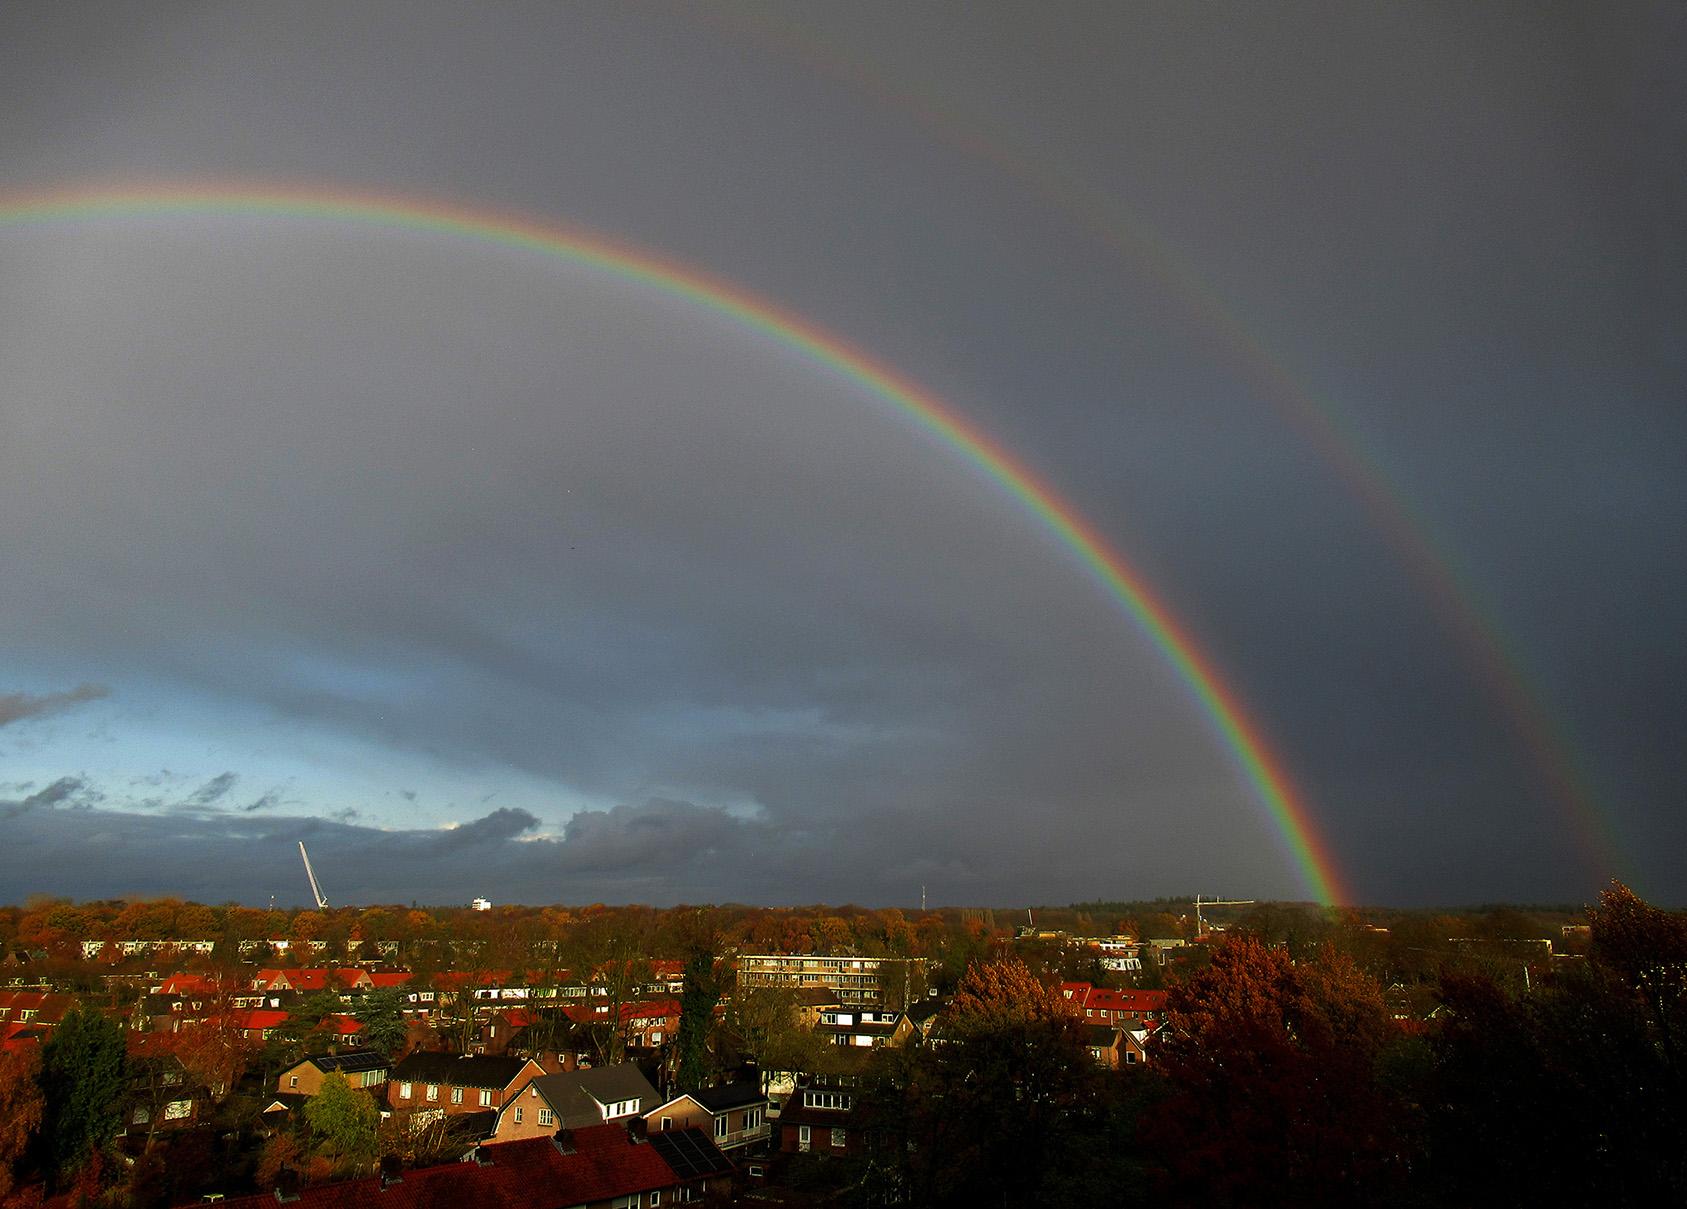 Ineens stond er 's middags een dubbele regenboog aan de hemel boven Ede - Foto: ©Fransien Fraanje